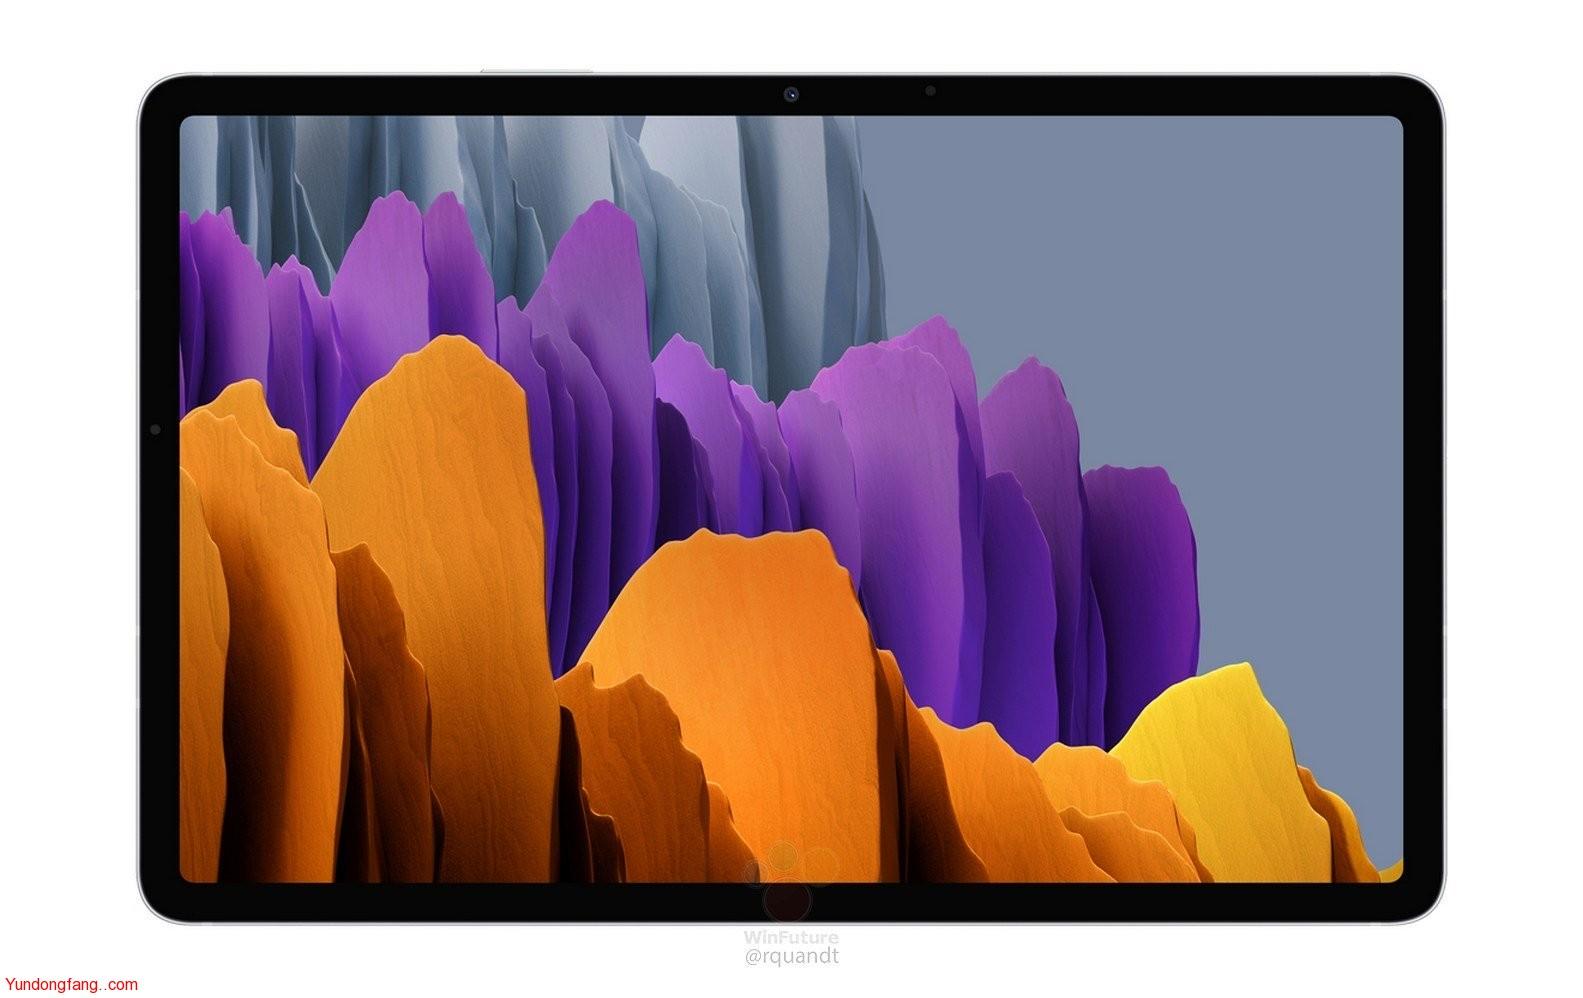 Samsung-Galaxy-Tab-S7-1595762273-0-0